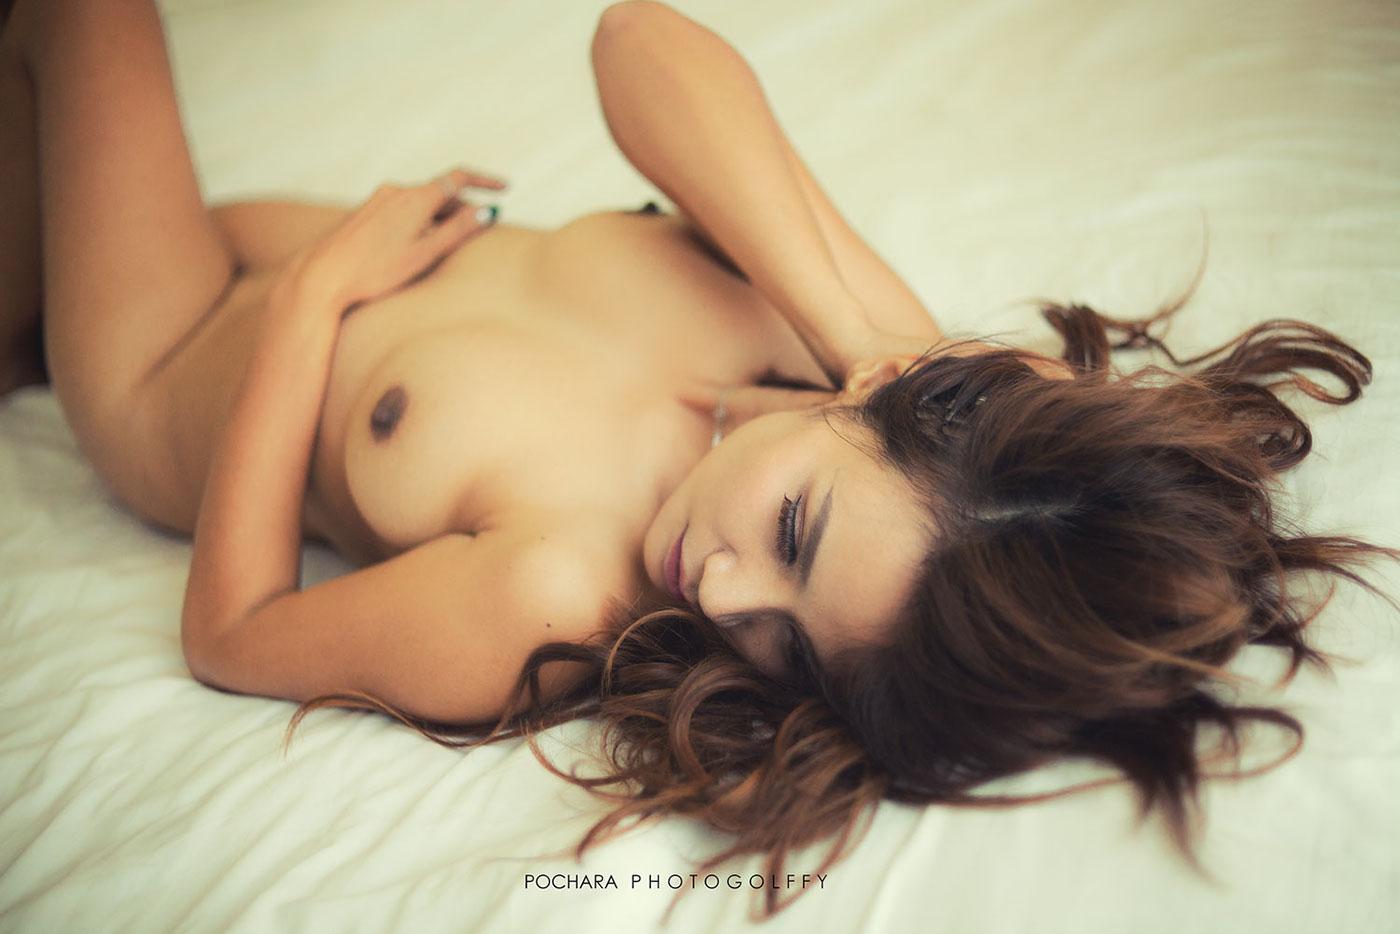 Голая женщина при естественном свете / фотограф Pochara Photogolffy